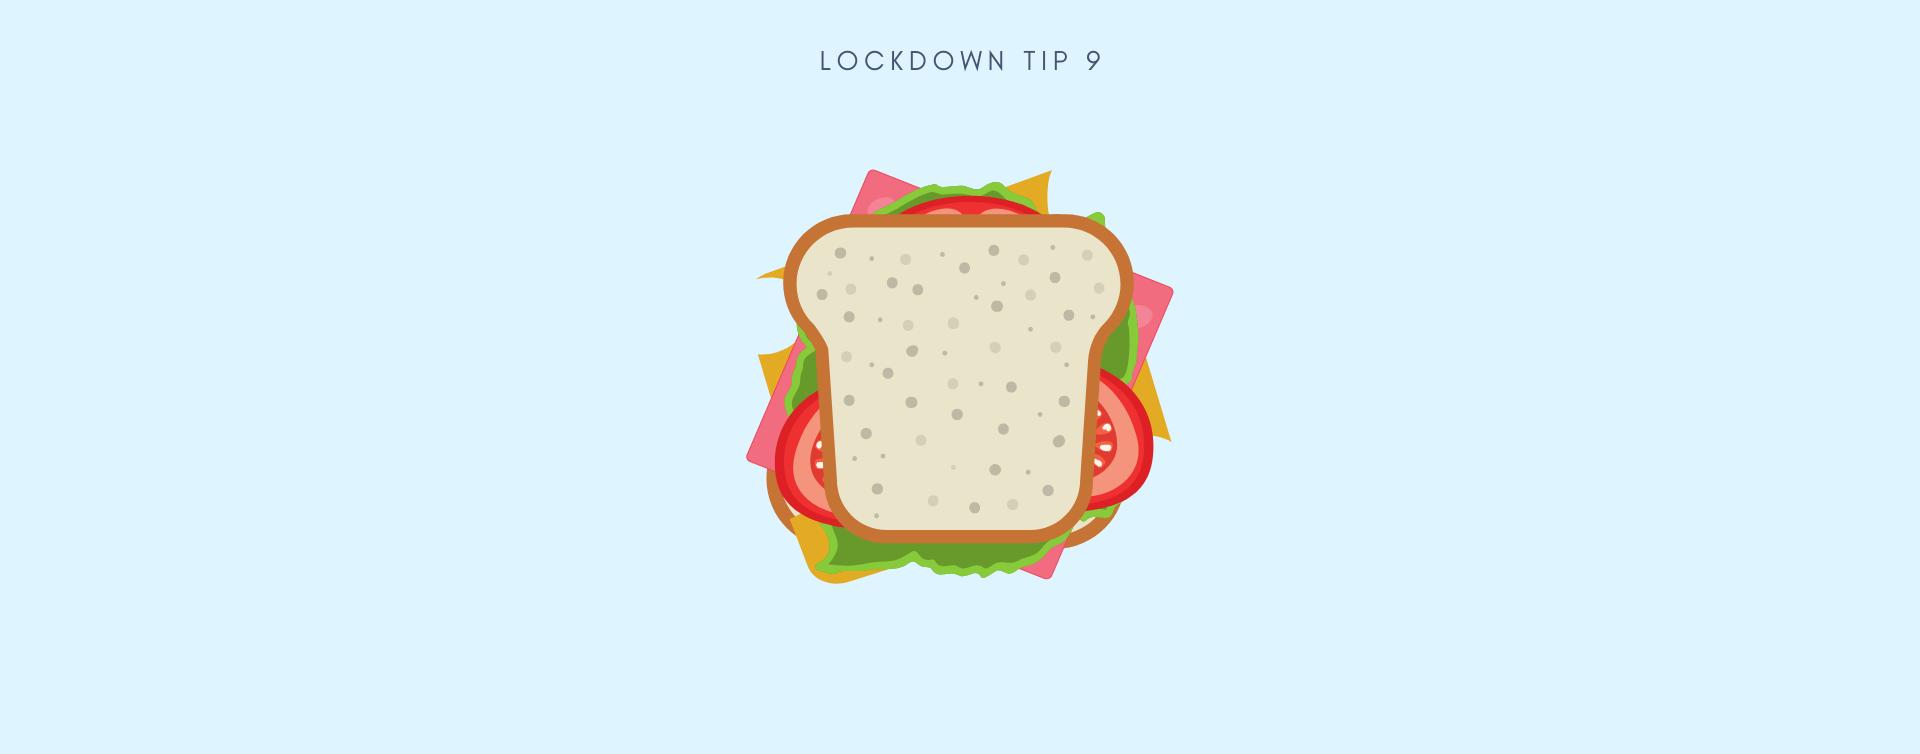 MCSA Lockdown Tip 9